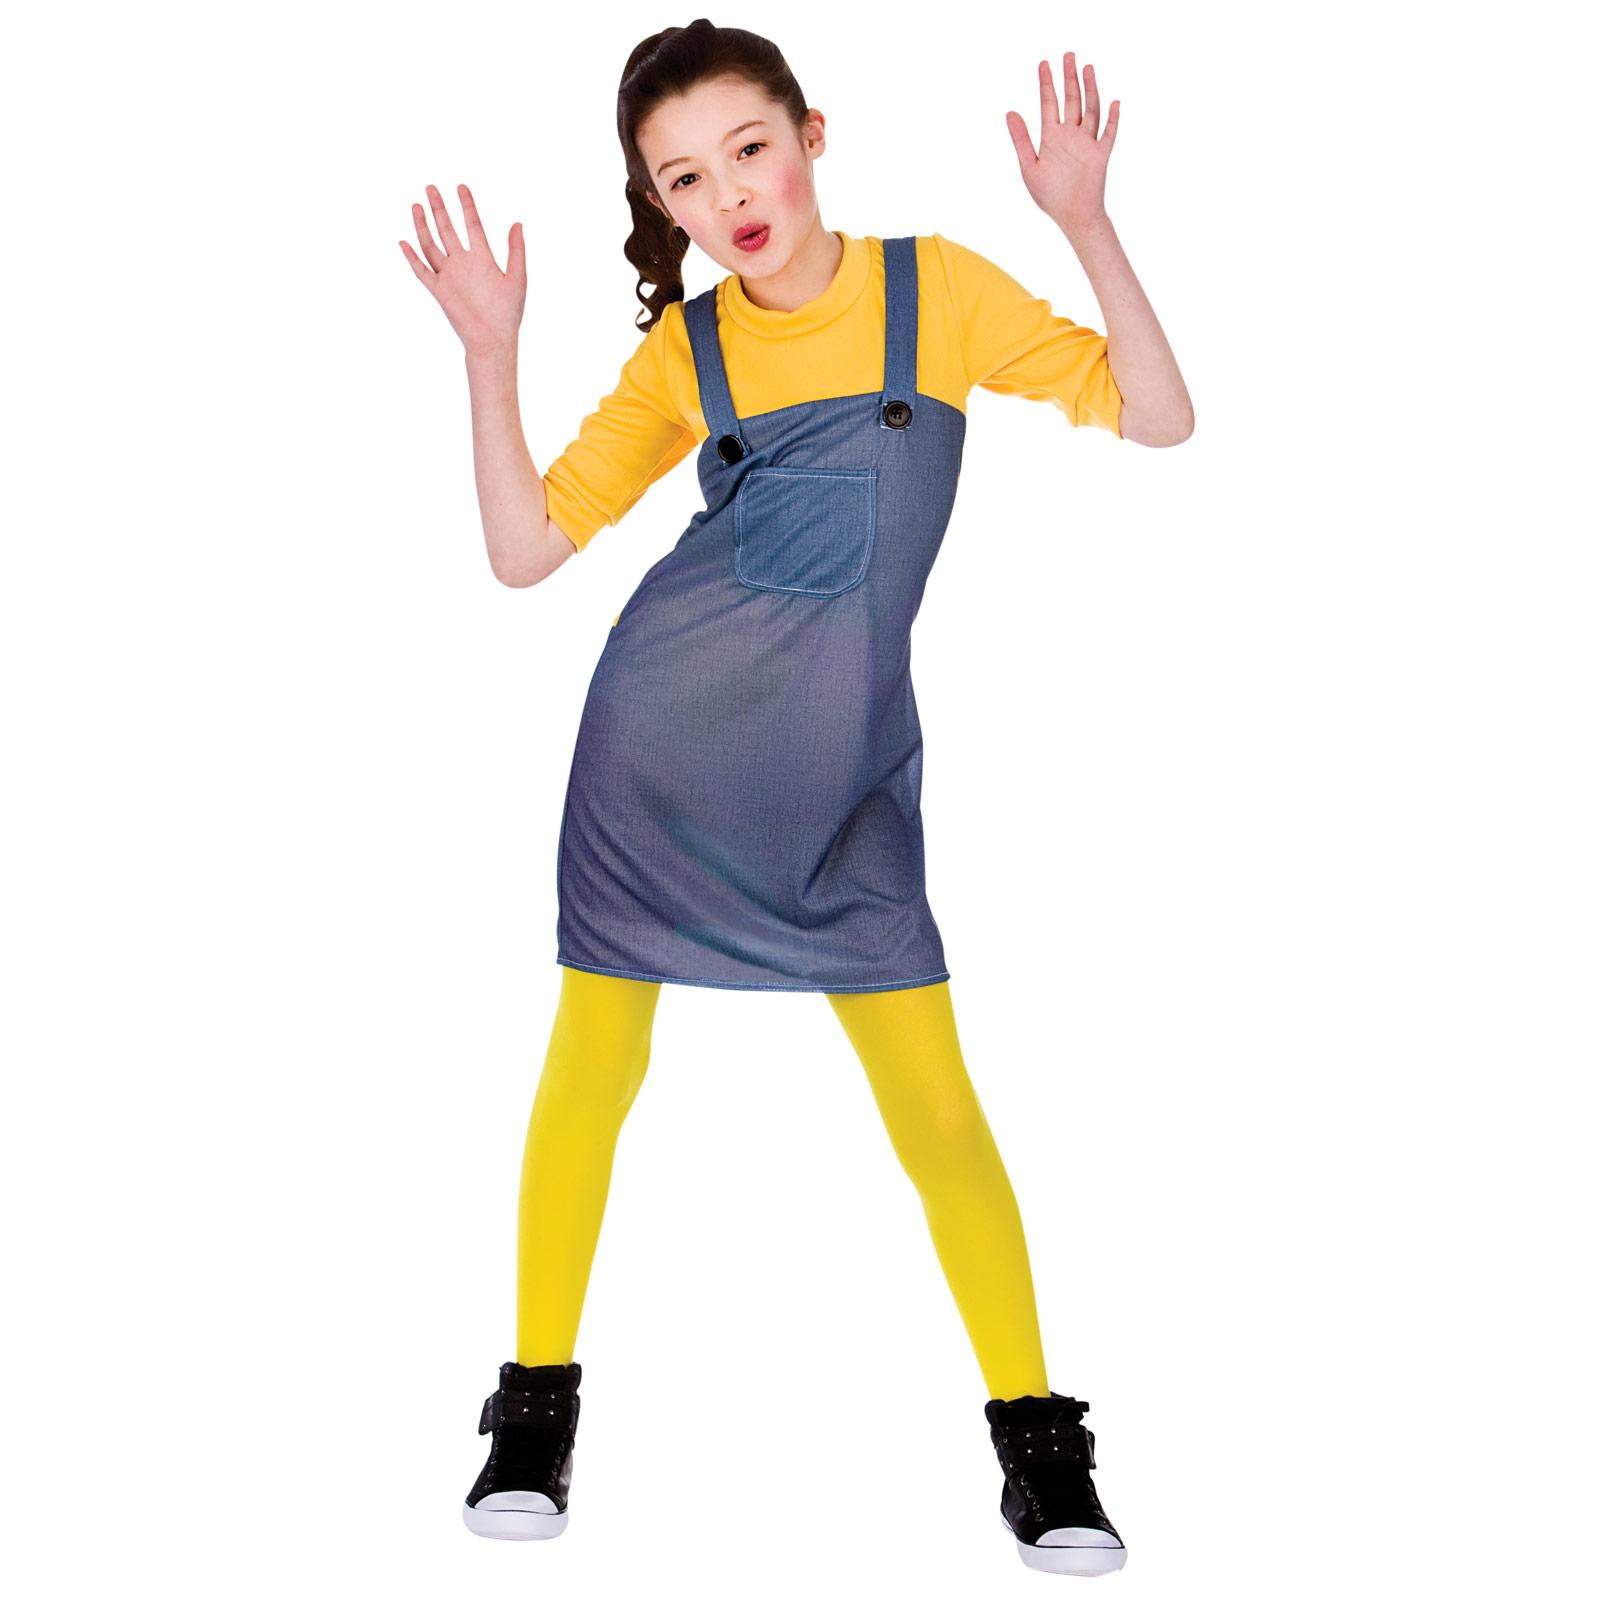 Amarillo Travieso Trabajador Para Niños Fiesta De Disfraces De Halloween Traje Nuevo